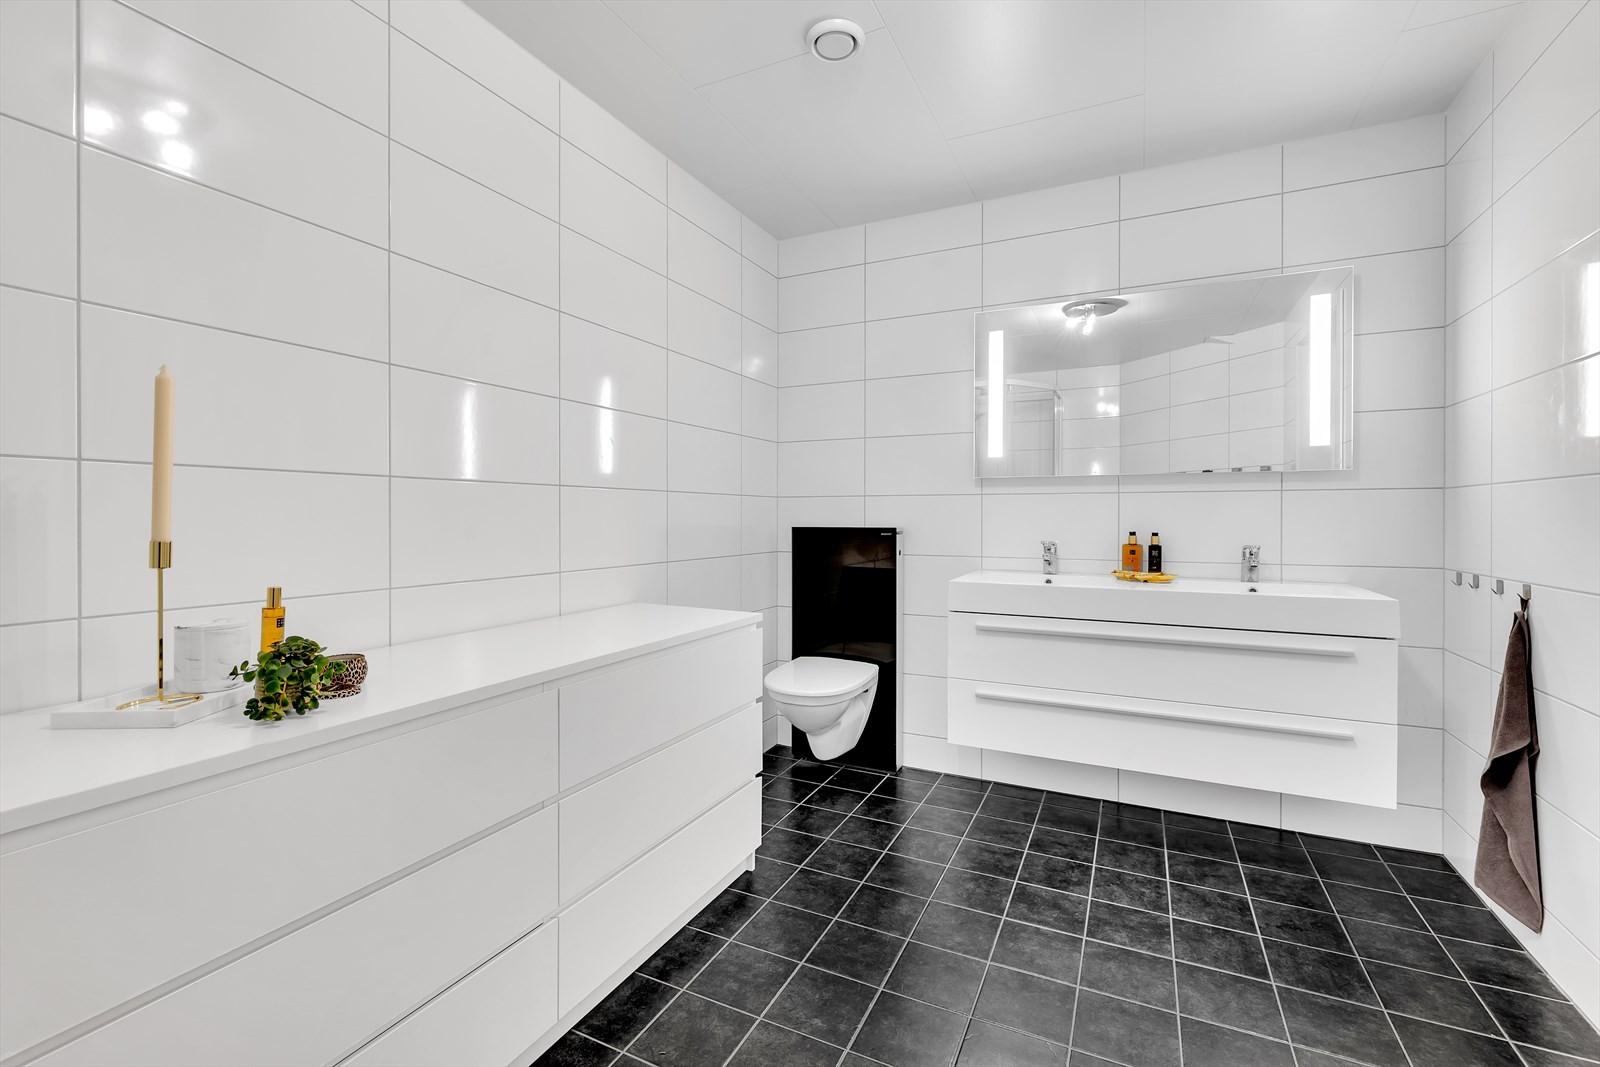 Leiligheten har to komplett flislagte bad med varmekabler i gulv